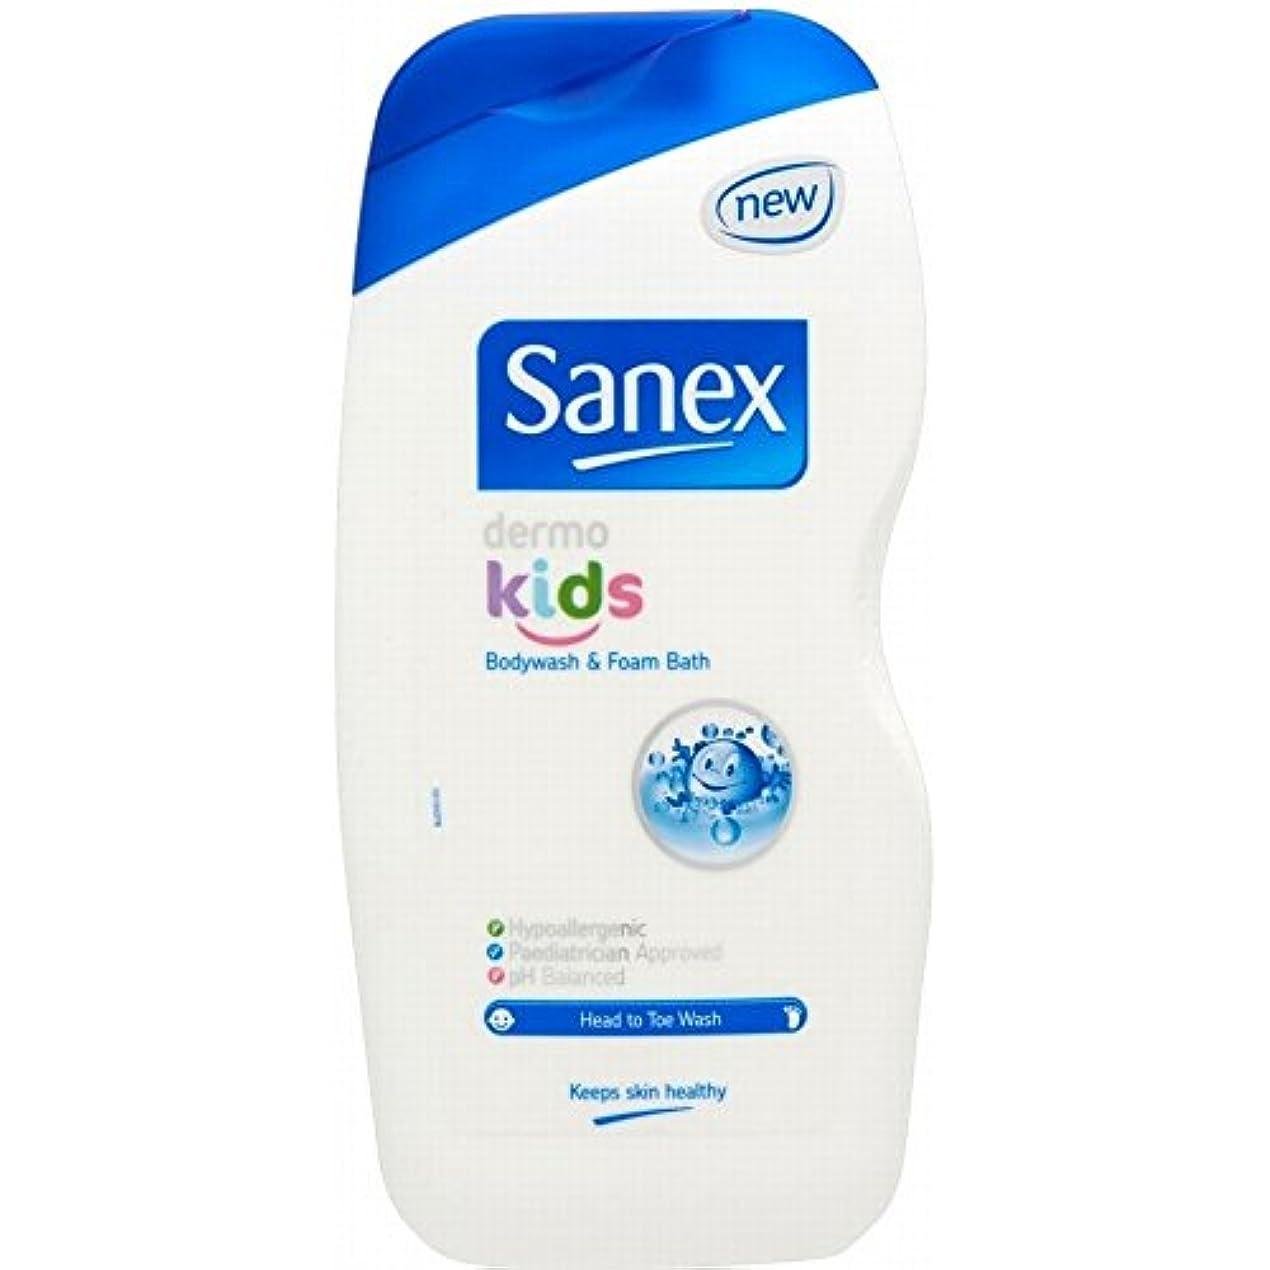 バングラデシュ協力テニスSanex Dermo Kids Body Wash & Foam Bath (500ml) Sanex真皮キッズボディウォッシュと泡風呂( 500ミリリットル) [並行輸入品]